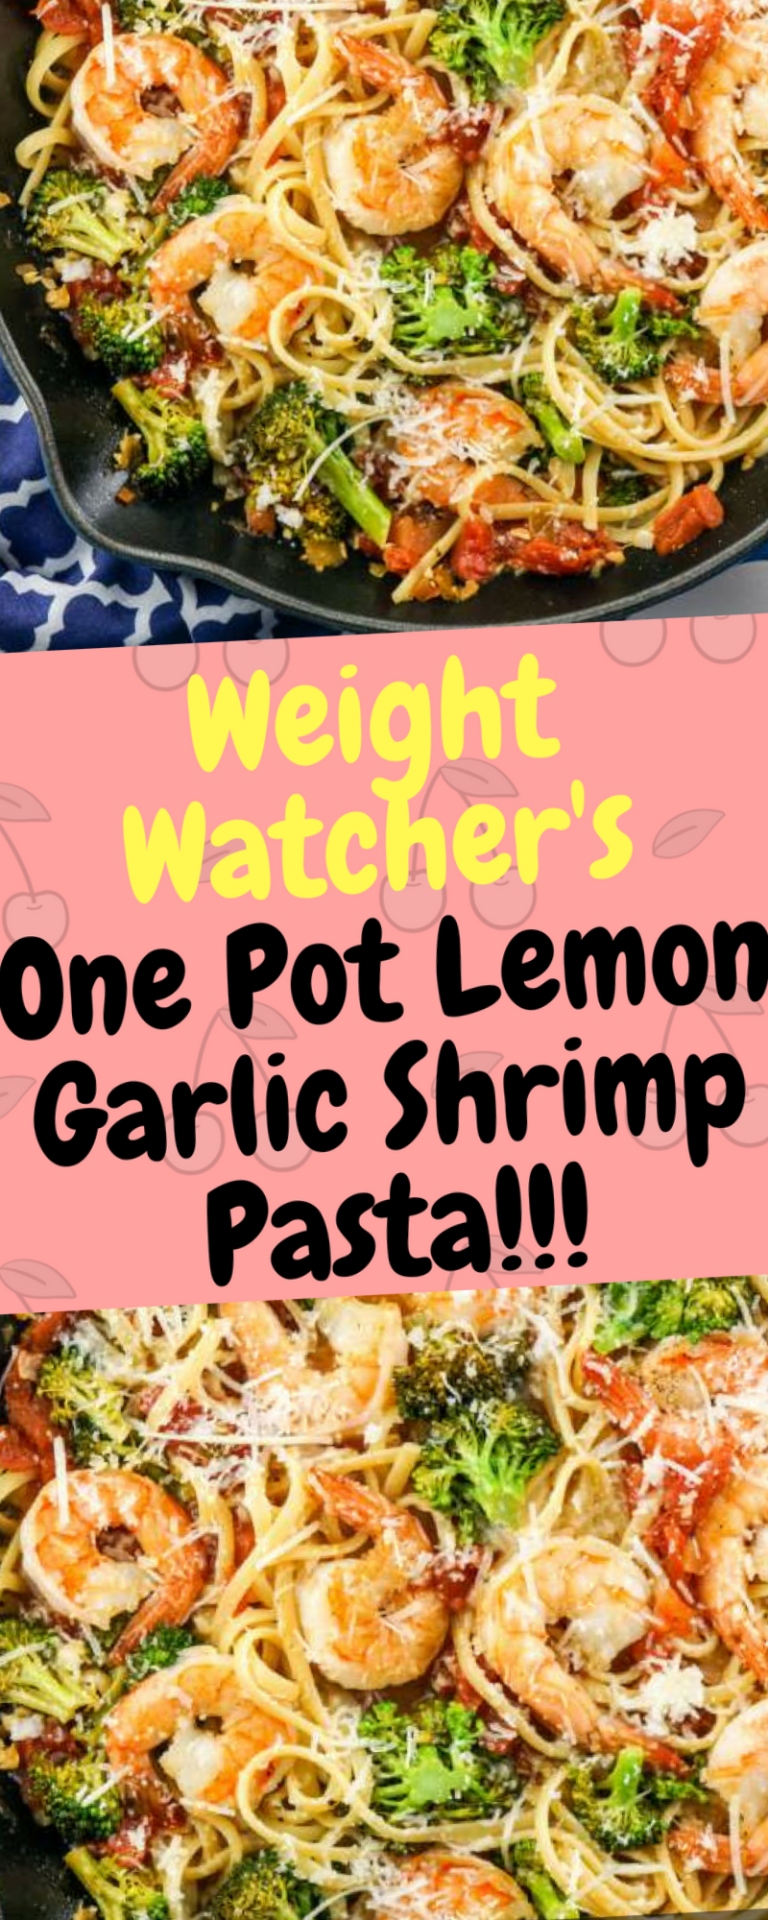 Weight Watcher's One Pot Lemon Garlic Shrimp Pasta - 10Recipes10 | 10Recipes10 #garlicshrimprecipes